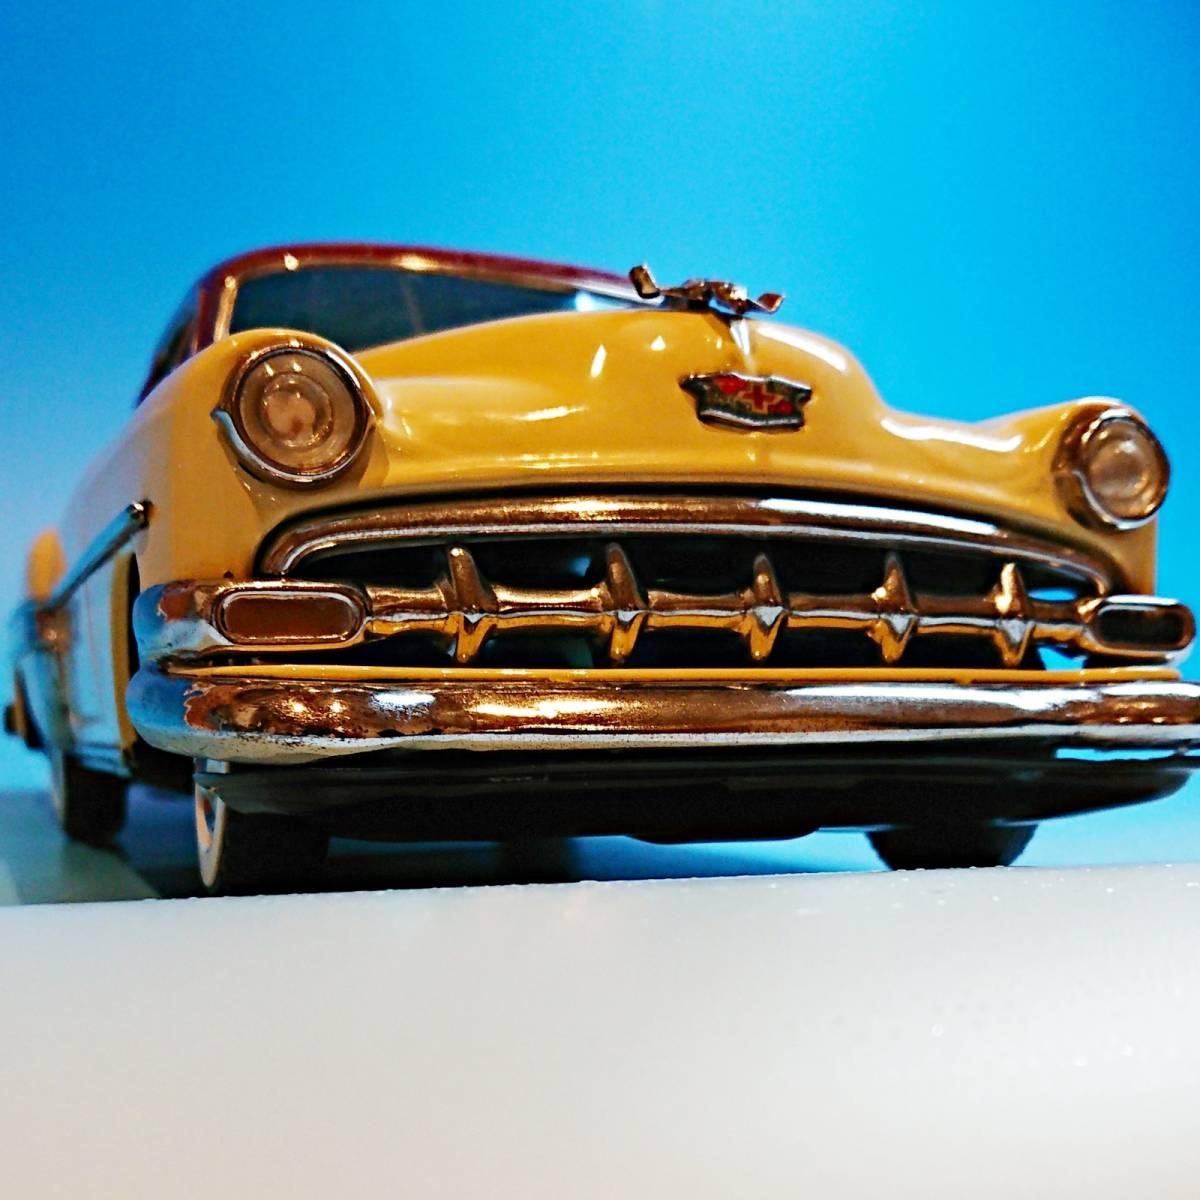 超希少ブリキ! ラインマー シボレー 世界に1つのツートンカラー Linemar Chevrolet マルサン/コスゲ製 リペイント 自動車 ビンテージ _画像4